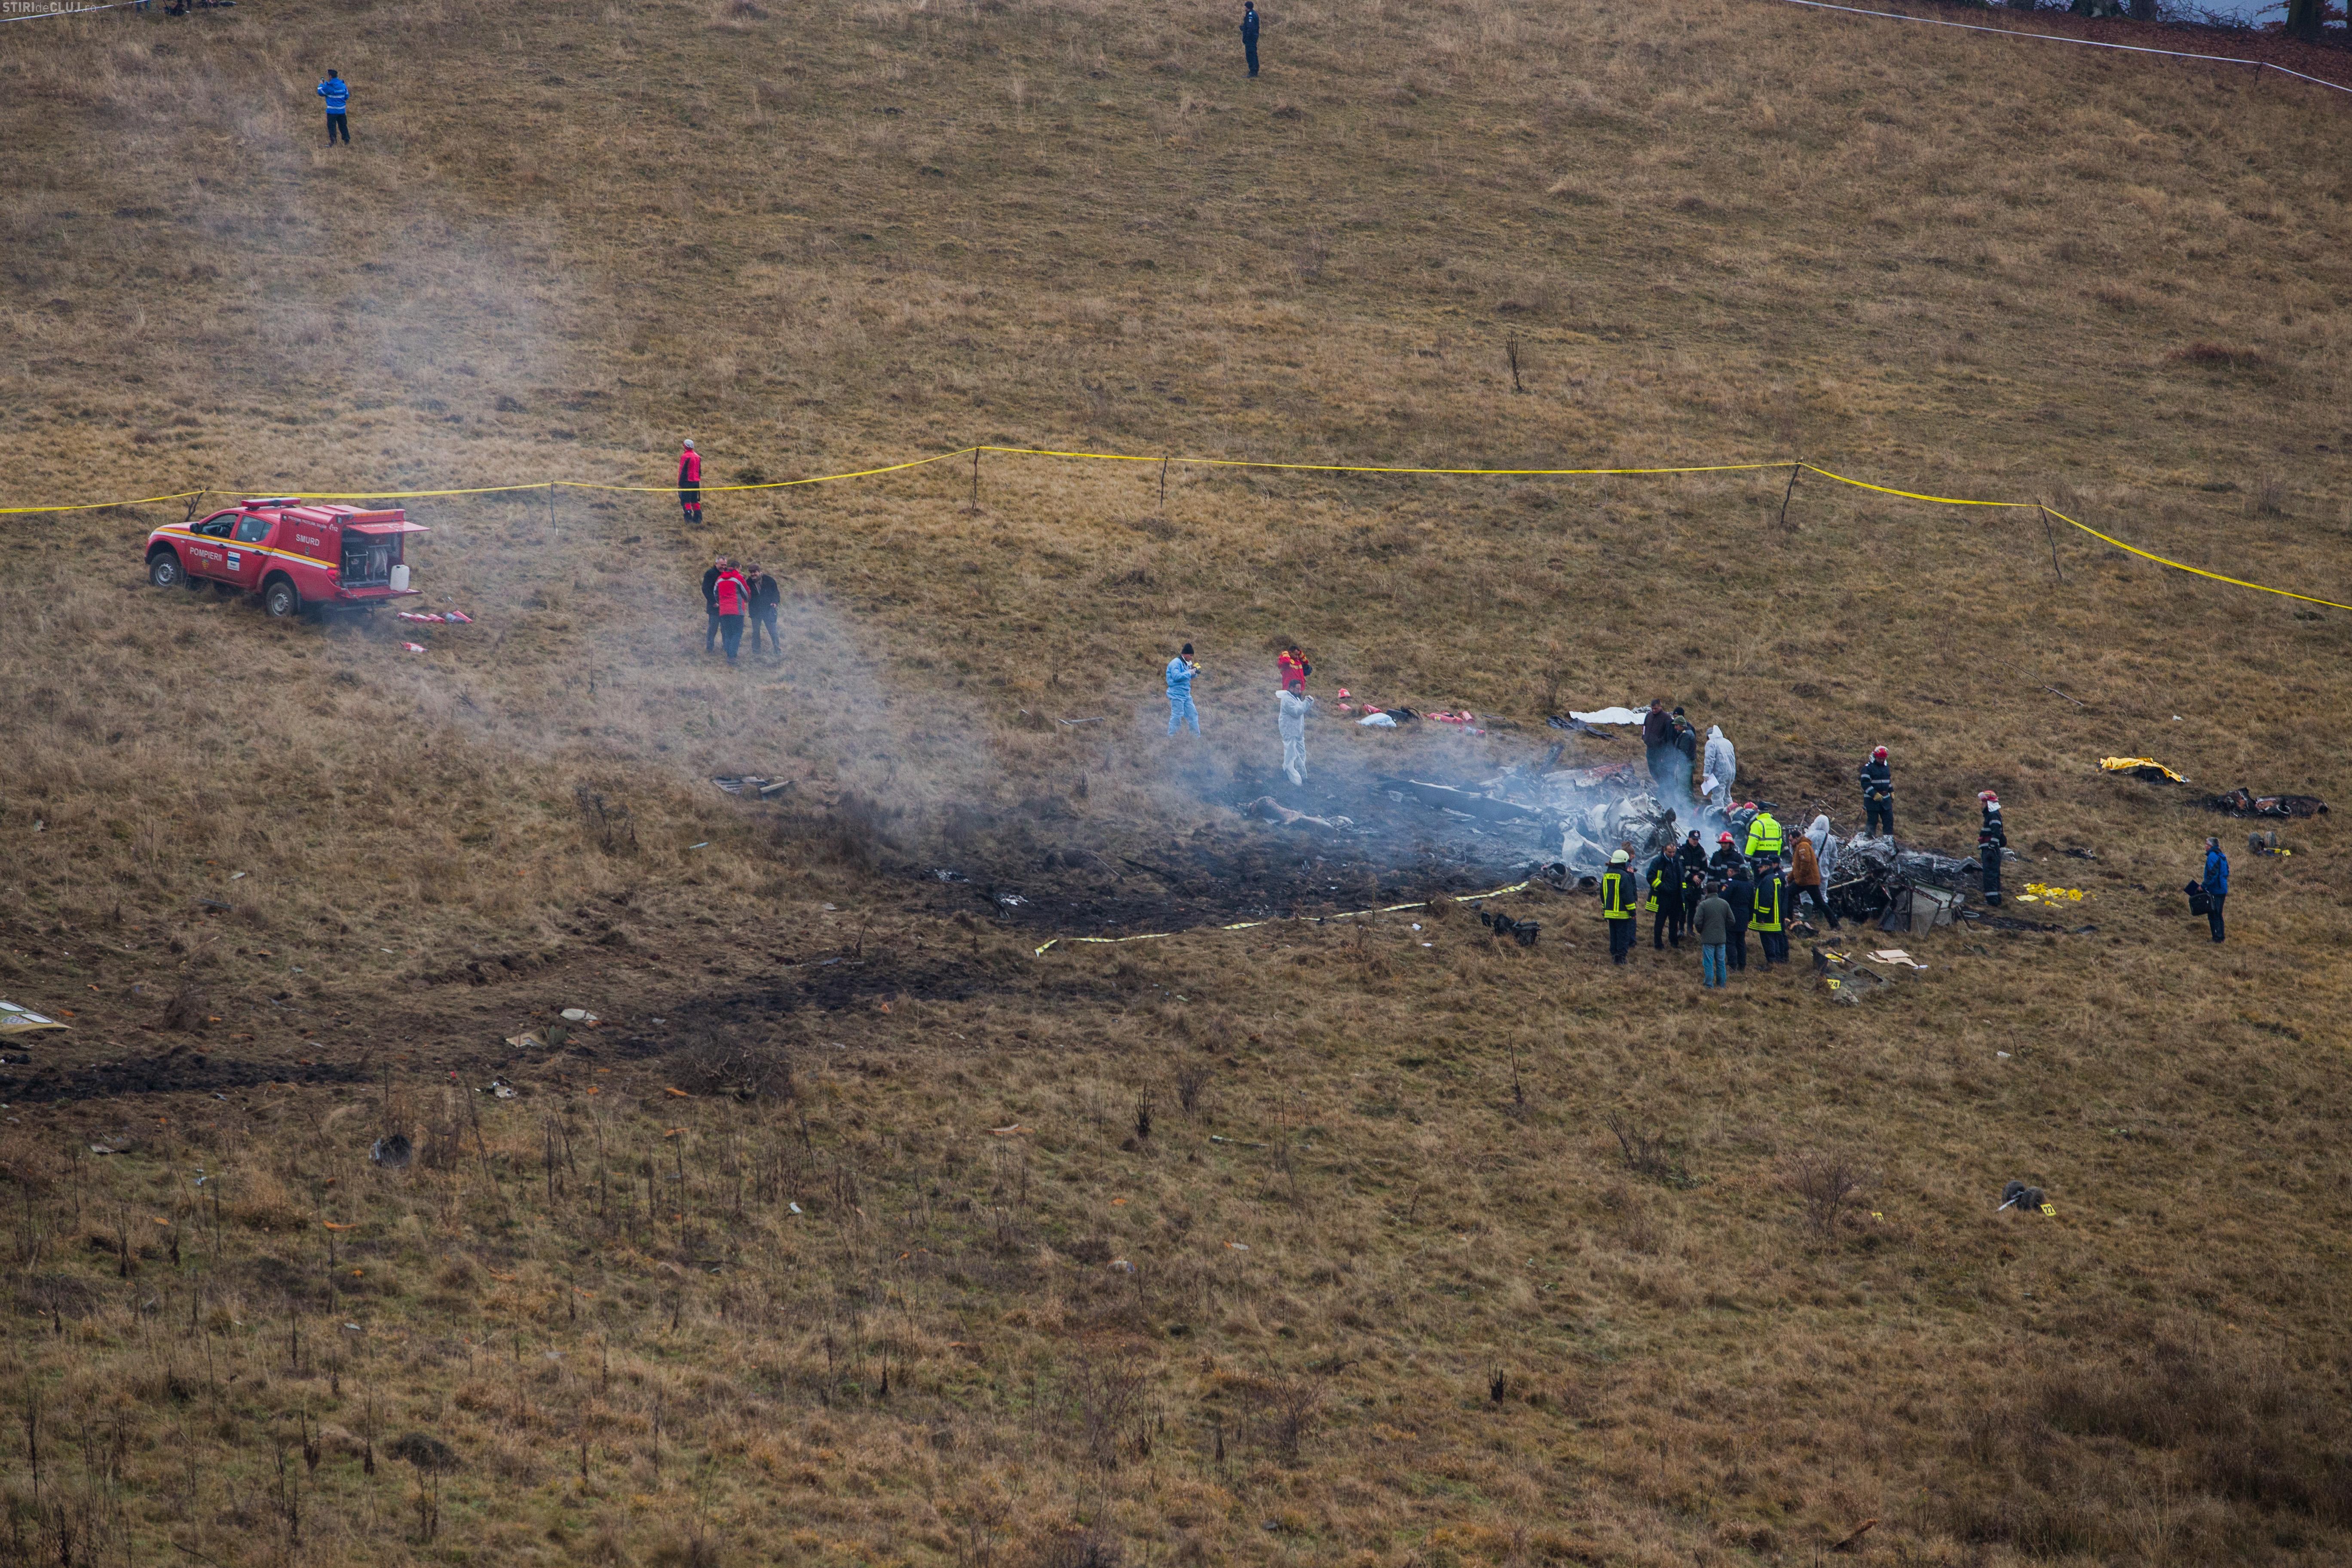 Clujenii sunt chemați să doneze sânge pentru PILOTUL Cornel Titiana, prăbușit cu elicopterul la Sibiu